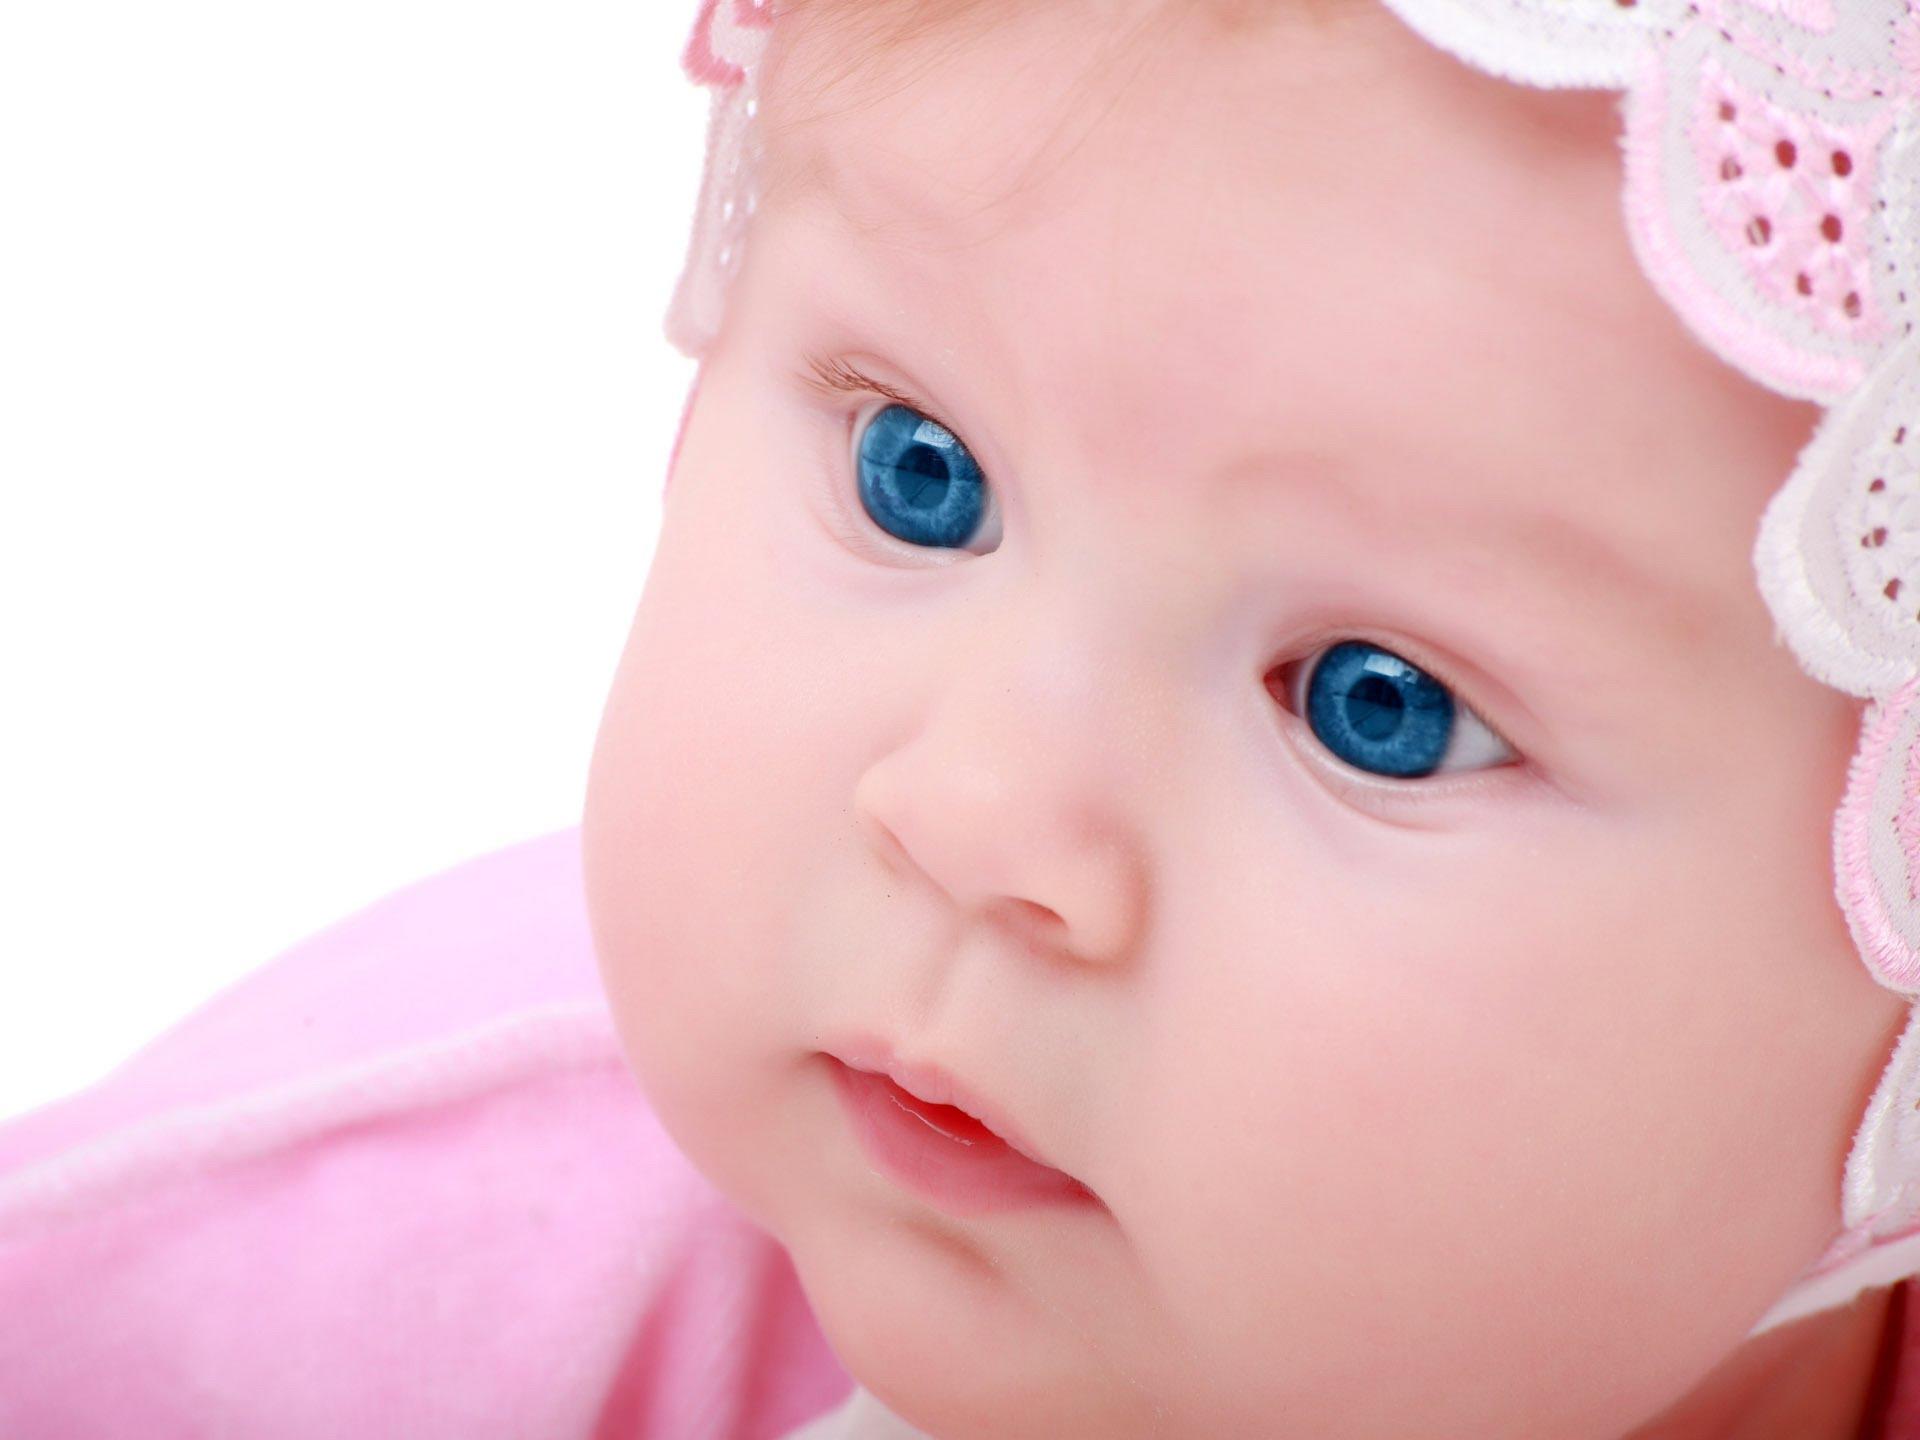 بالصور اطفال صغار , اجمل الصور للاطفال 6350 3